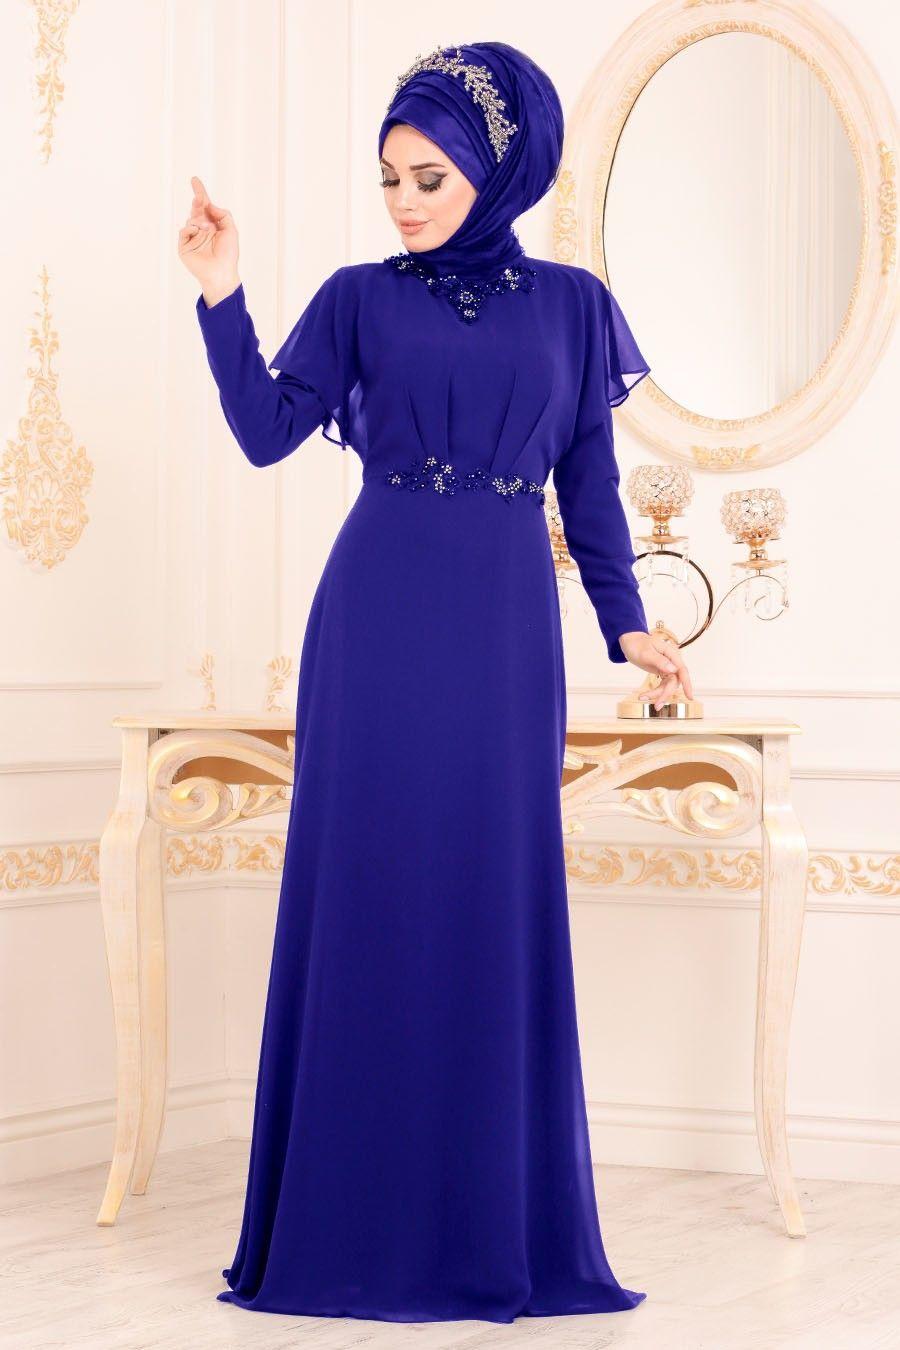 Tesetturlu Abiye Elbiseler Yarasa Kol Sax Mavisi Tesettur Abiye Elbise 3784sx Urun Kodu 3784sx Elbiseler The Dress Aksamustu Giysileri